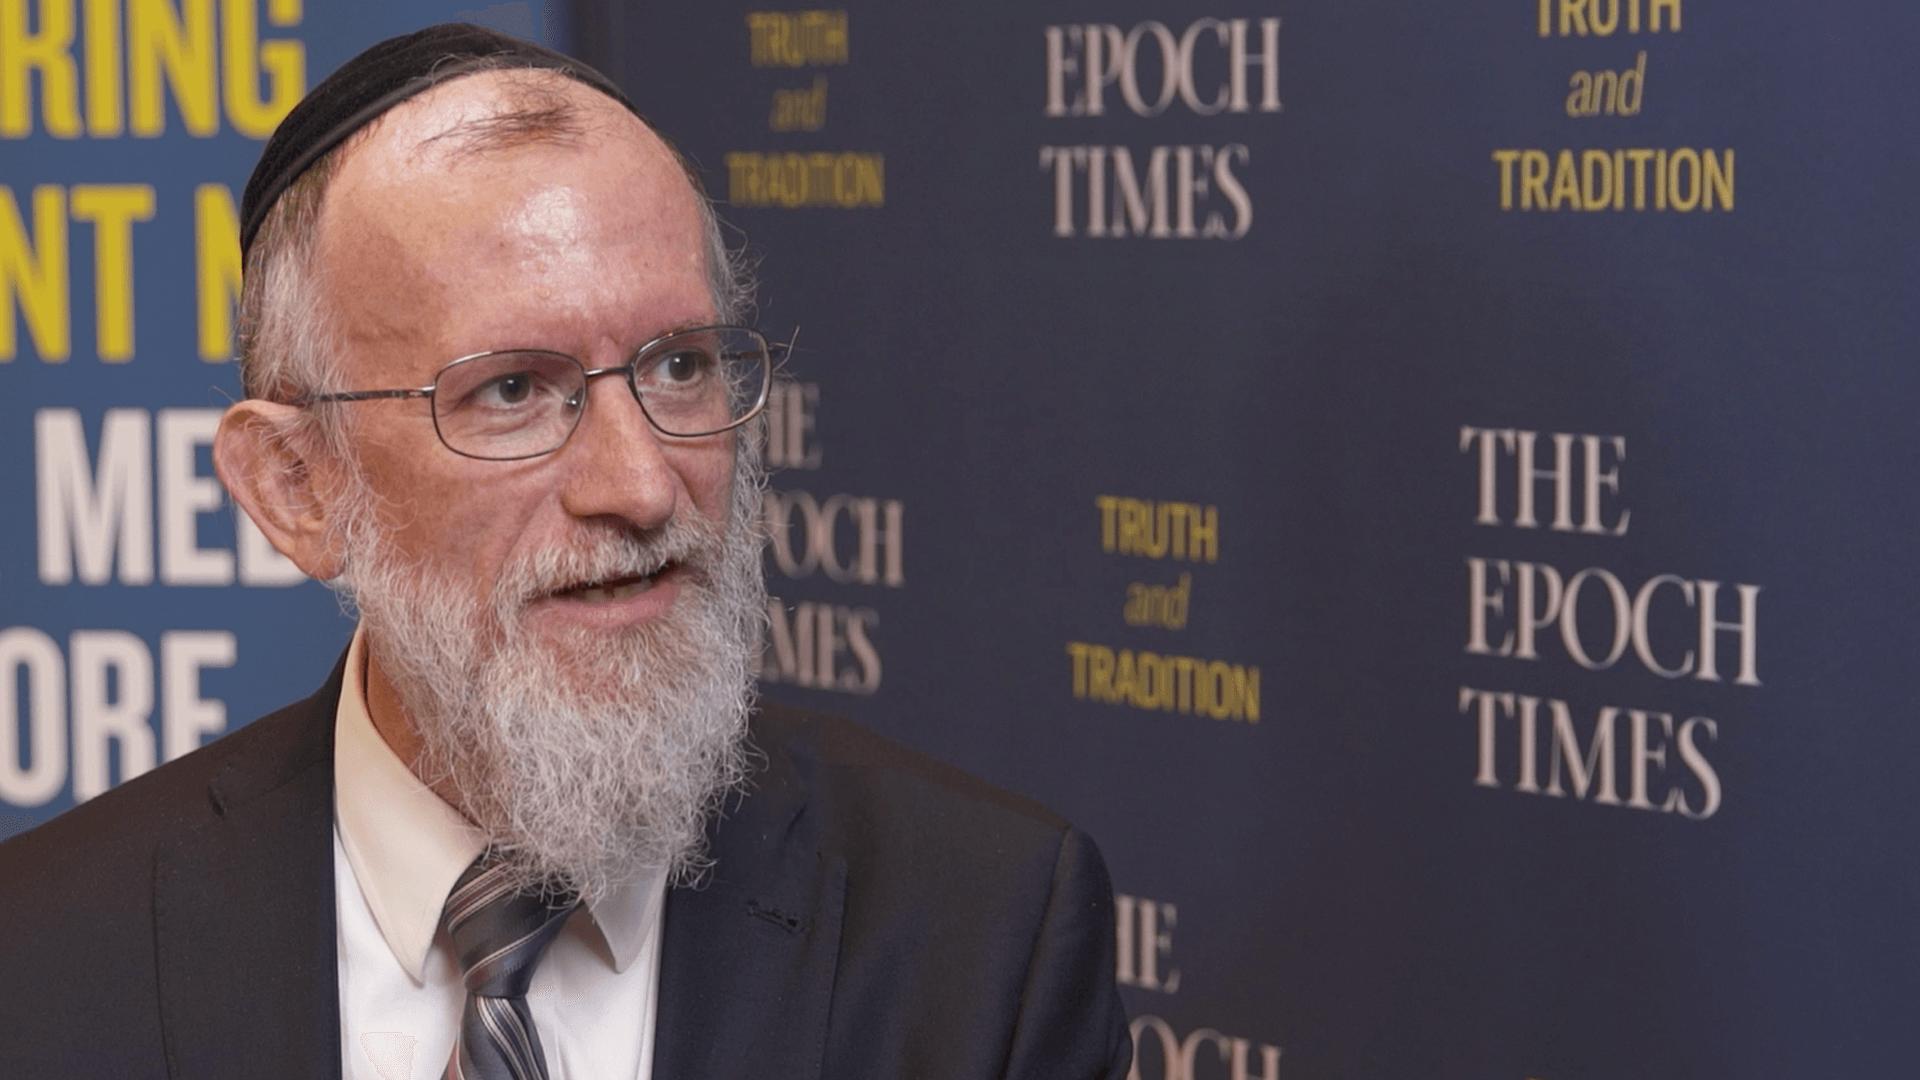 How Are Ilhan Omar, Rashida Tlaib & AOC's Views Anti-Semitic?—Rabbi Yaakov Menken [TSAS Special]